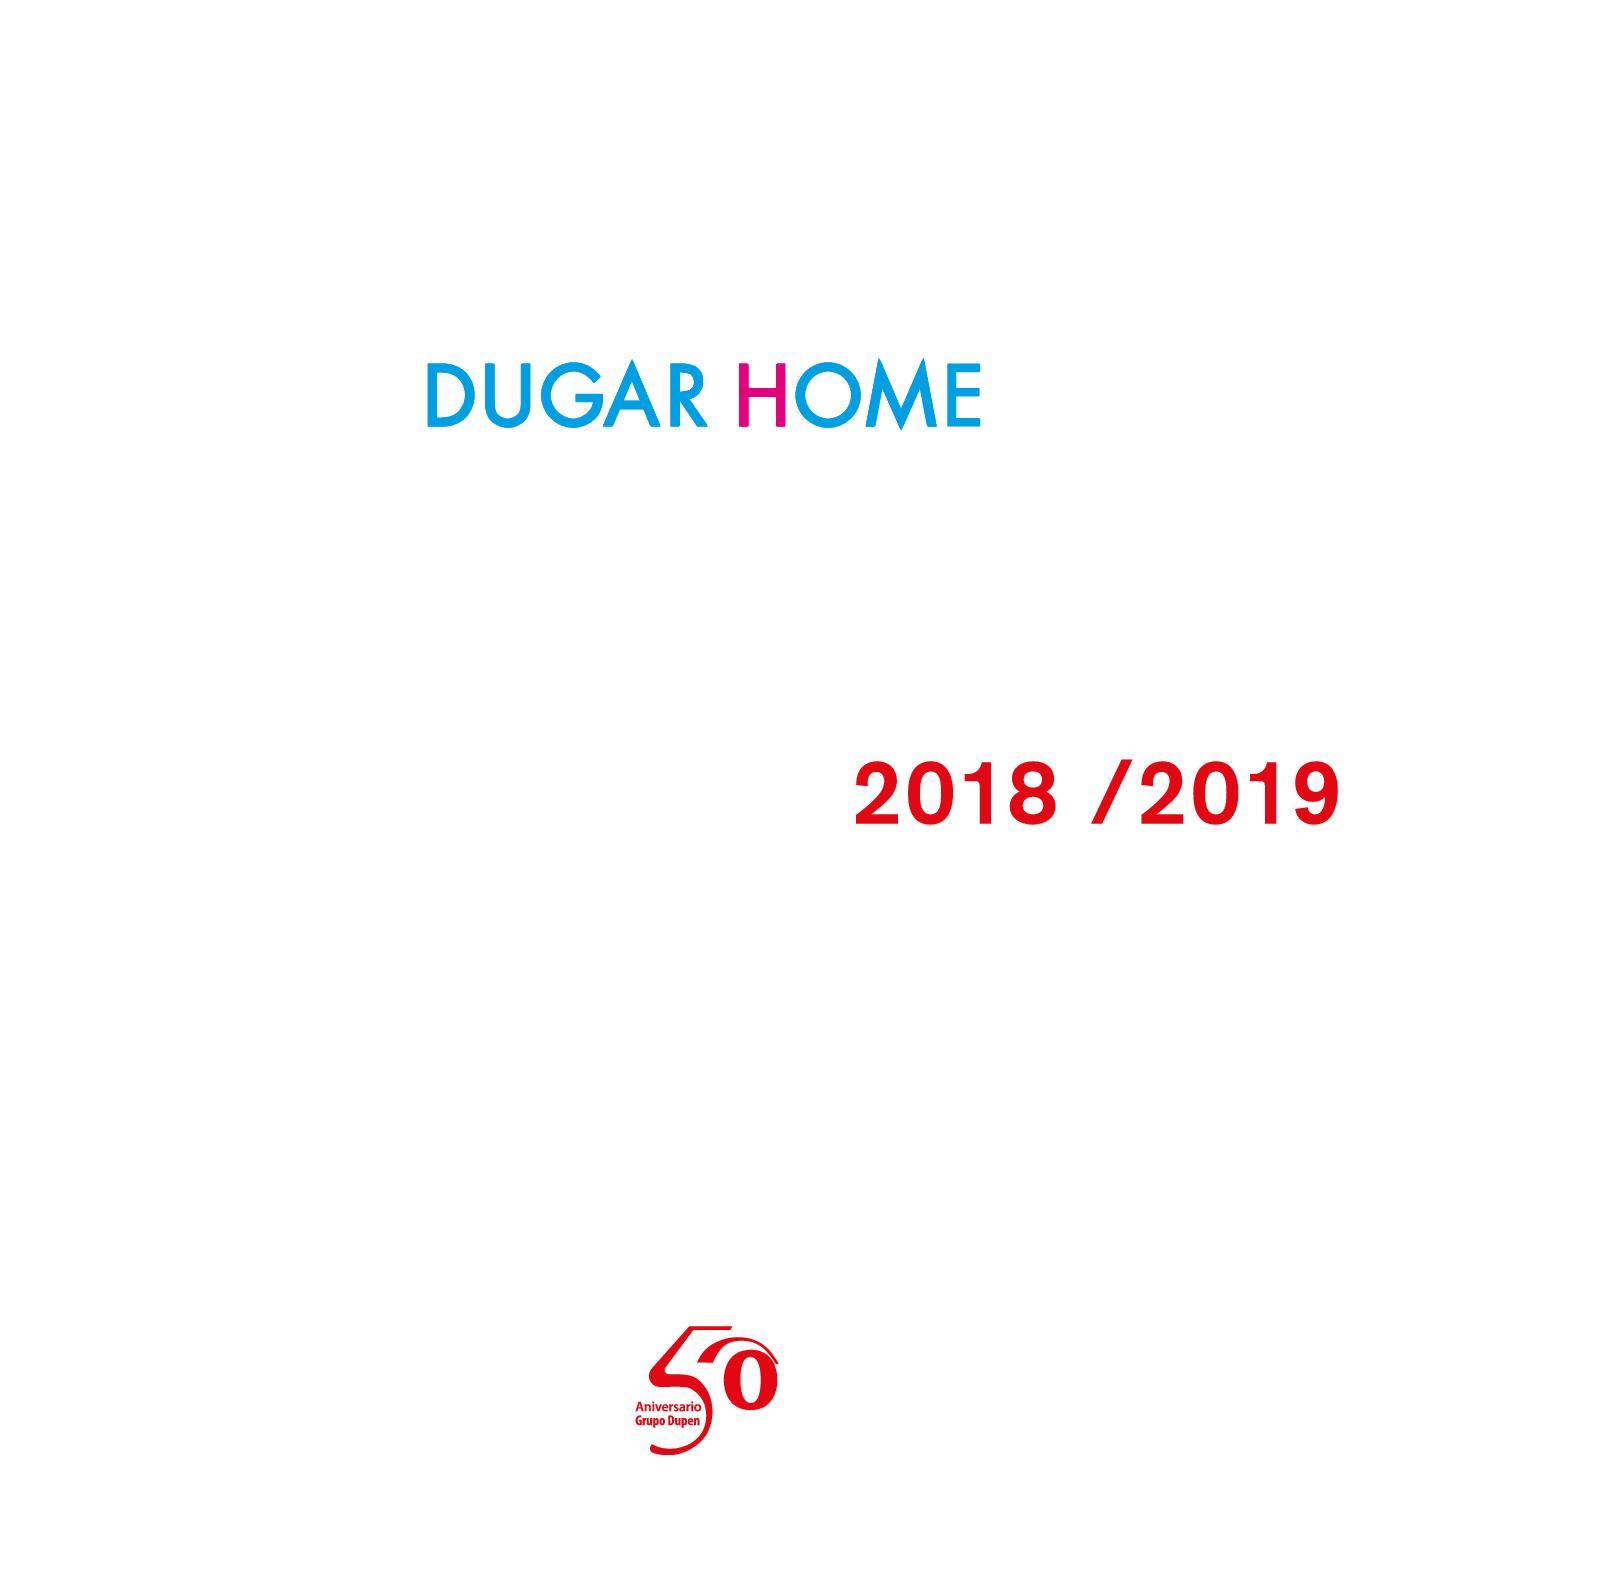 Dugar Home Home Home Calaméo Calaméo 2018 2018 Calaméo Dugar Calaméo 2018 Dugar srdBtQhCx